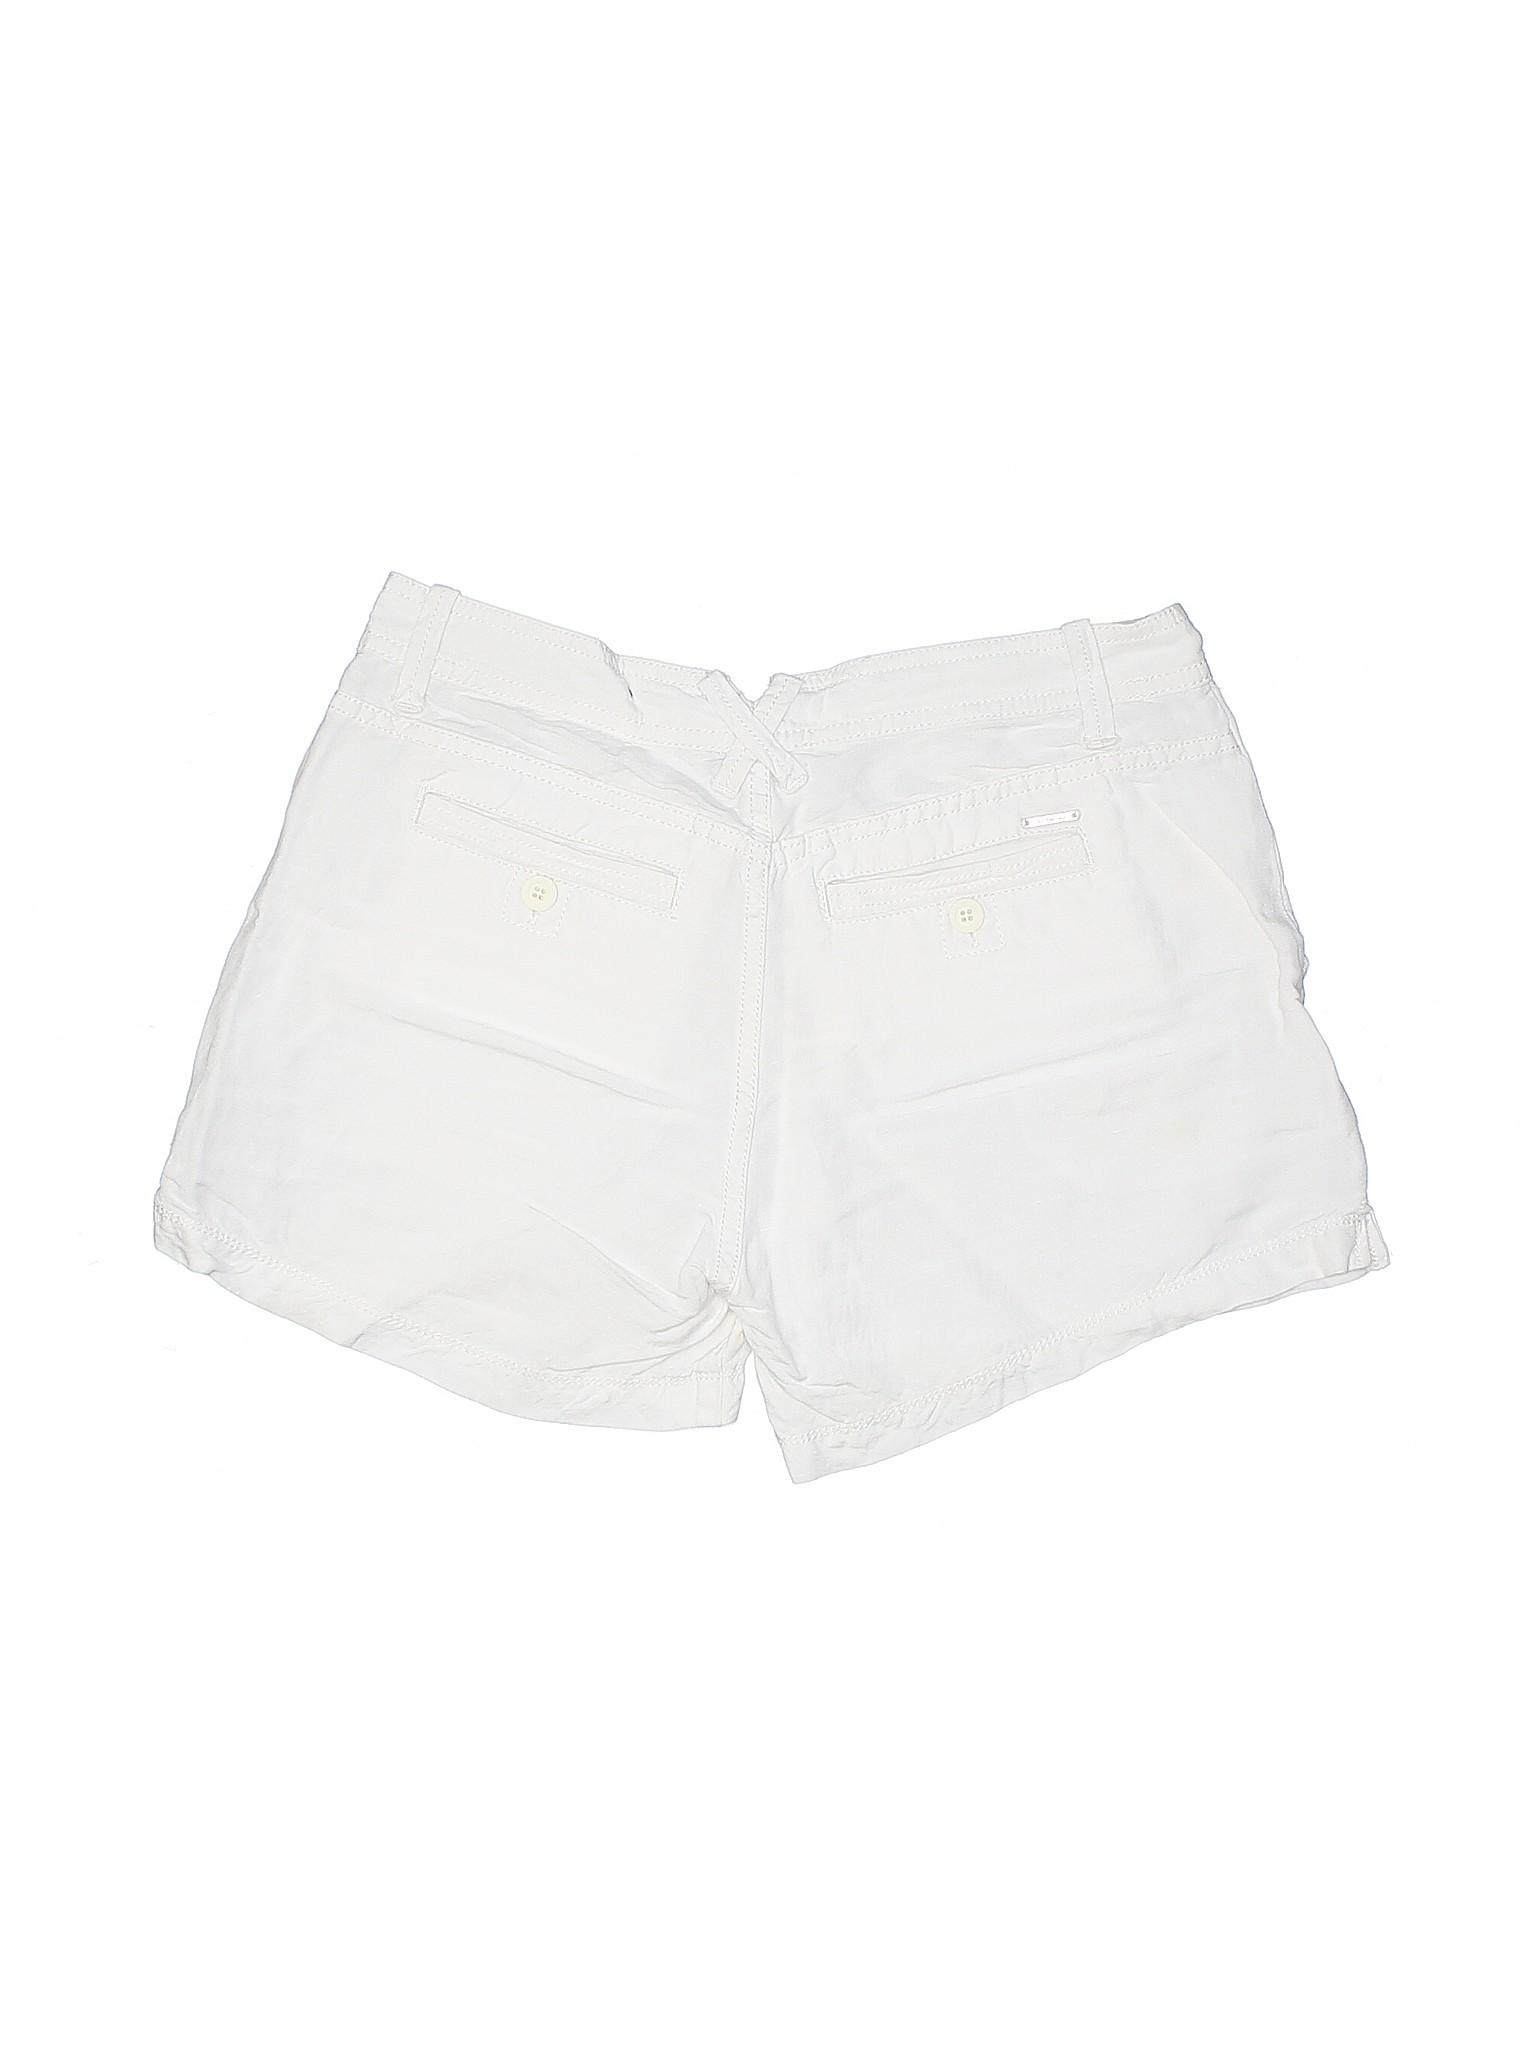 Klein Boutique Klein Shorts Shorts Boutique Calvin Calvin qxnxEzwf1